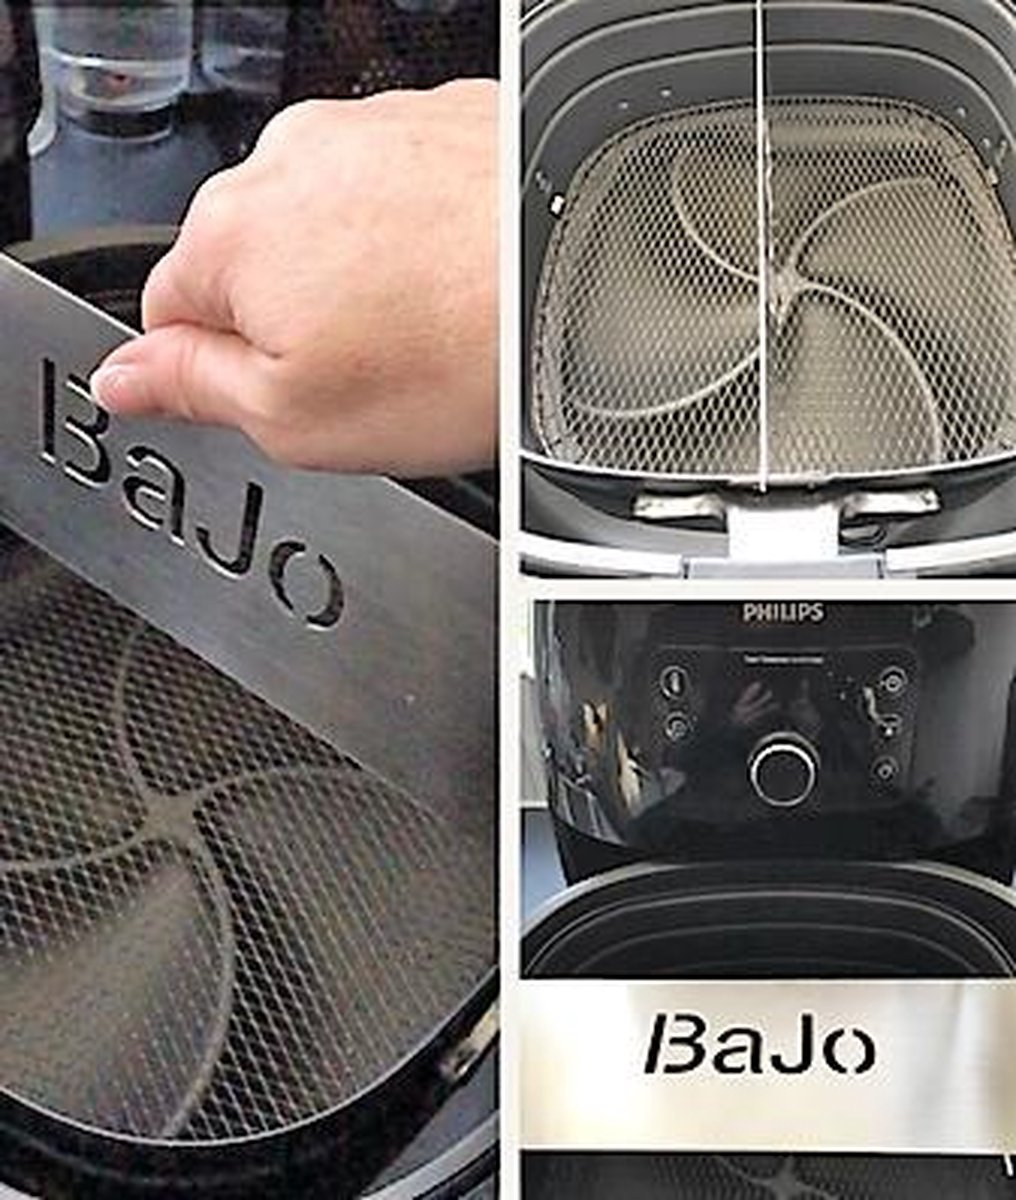 BaJo Mandverdeler voor Airfryer XXL